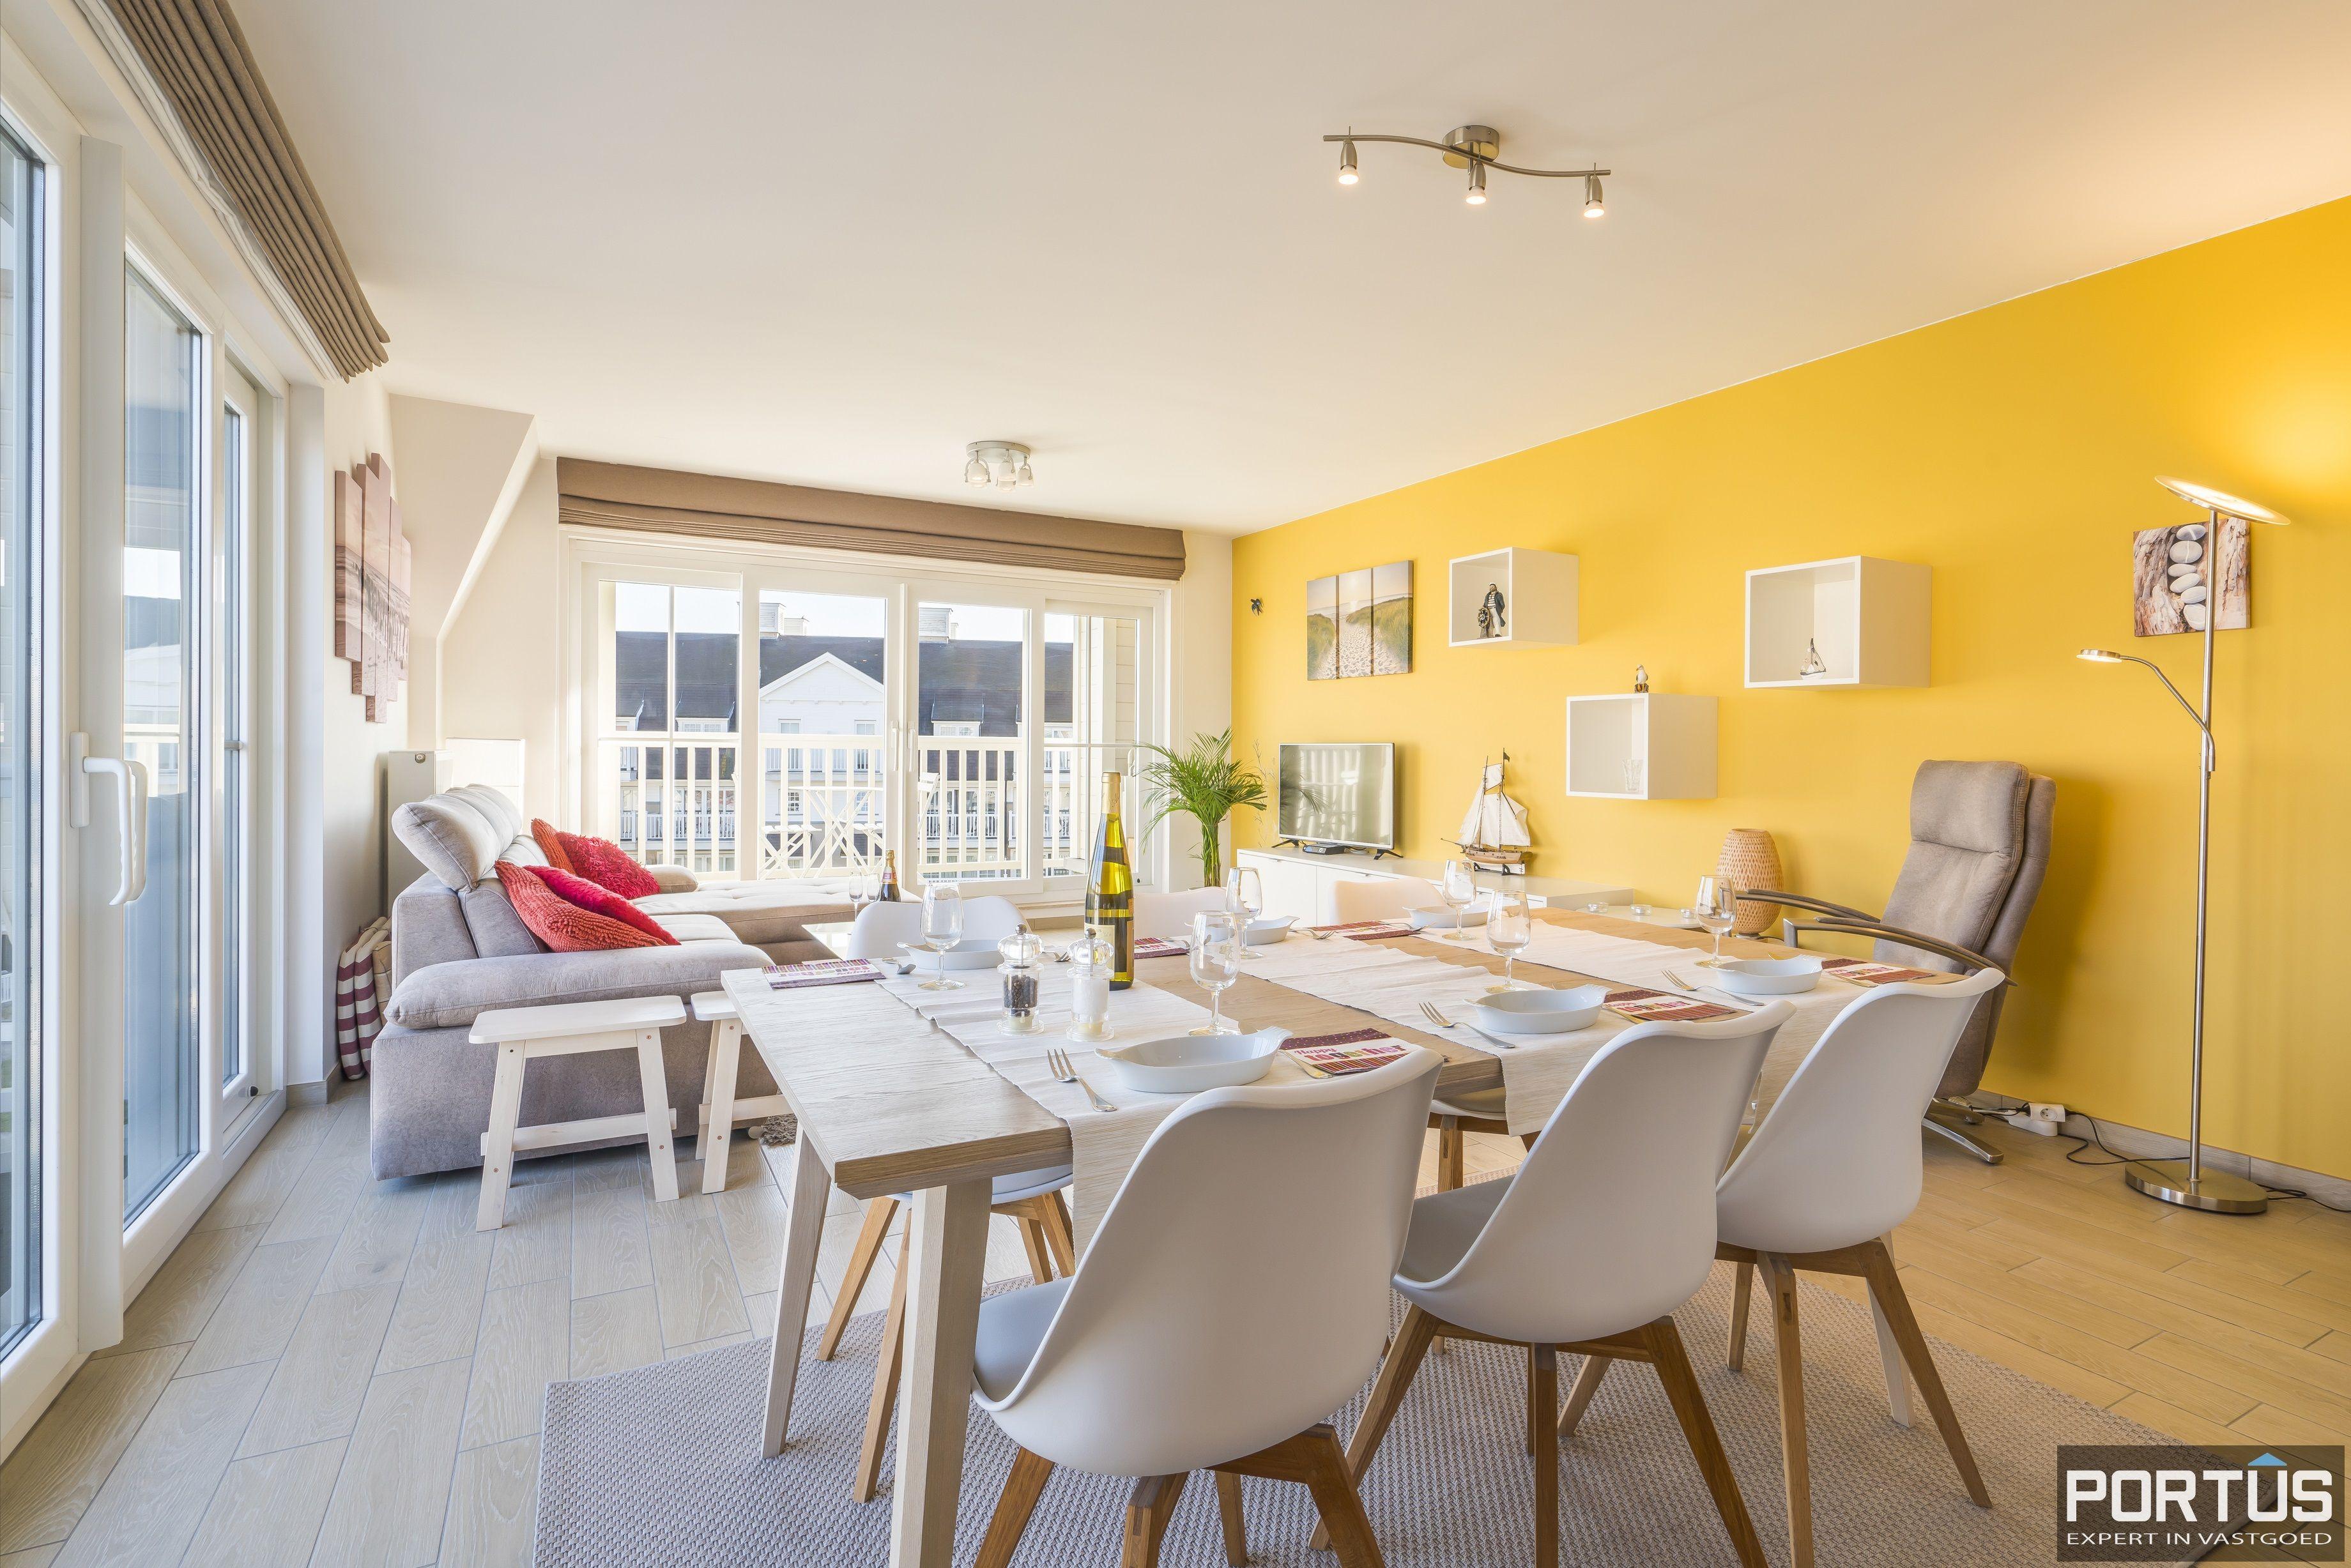 Instapklaar appartement te koop met prachtig zicht op Maritiem park te Nieuwpoort - 13305